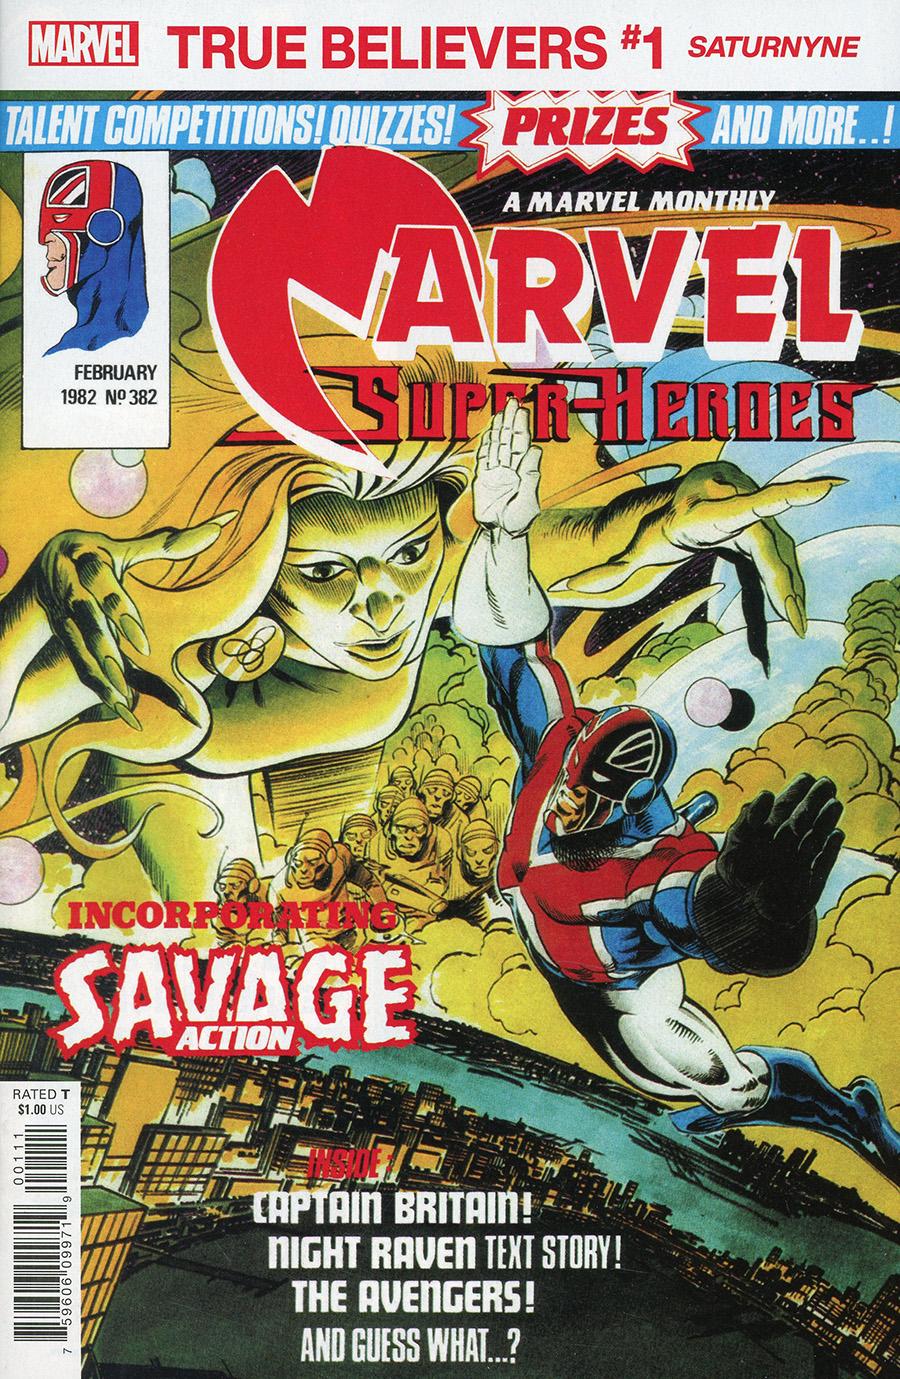 True Believers: X-Men - Saturnyne #1